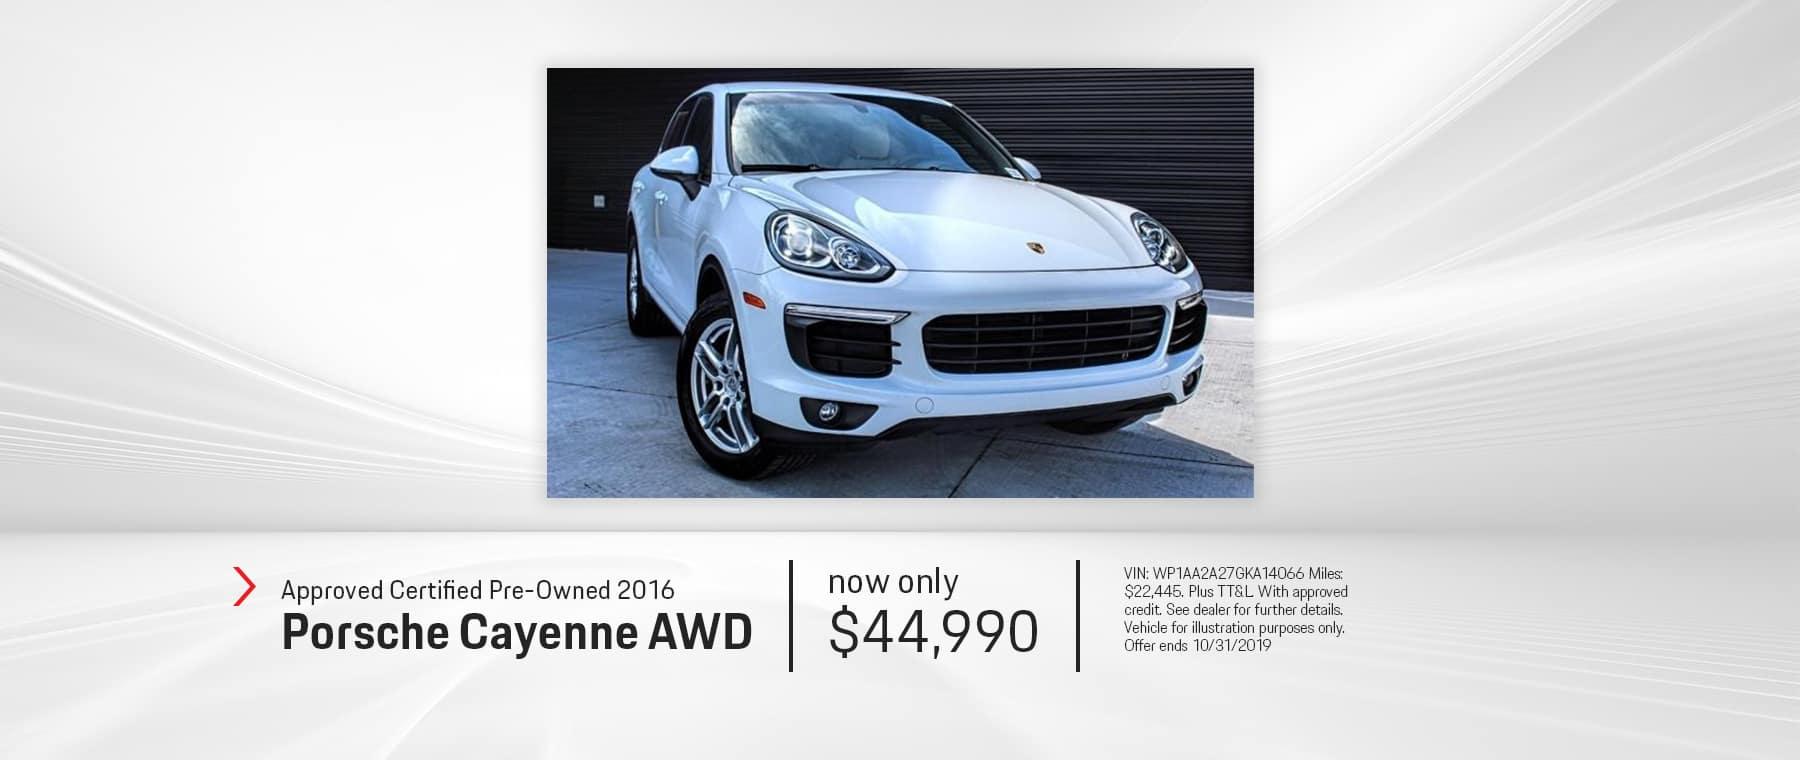 El Paso Car Dealerships >> Porsche El Paso Luxury Sports Car Dealership In El Paso Tx